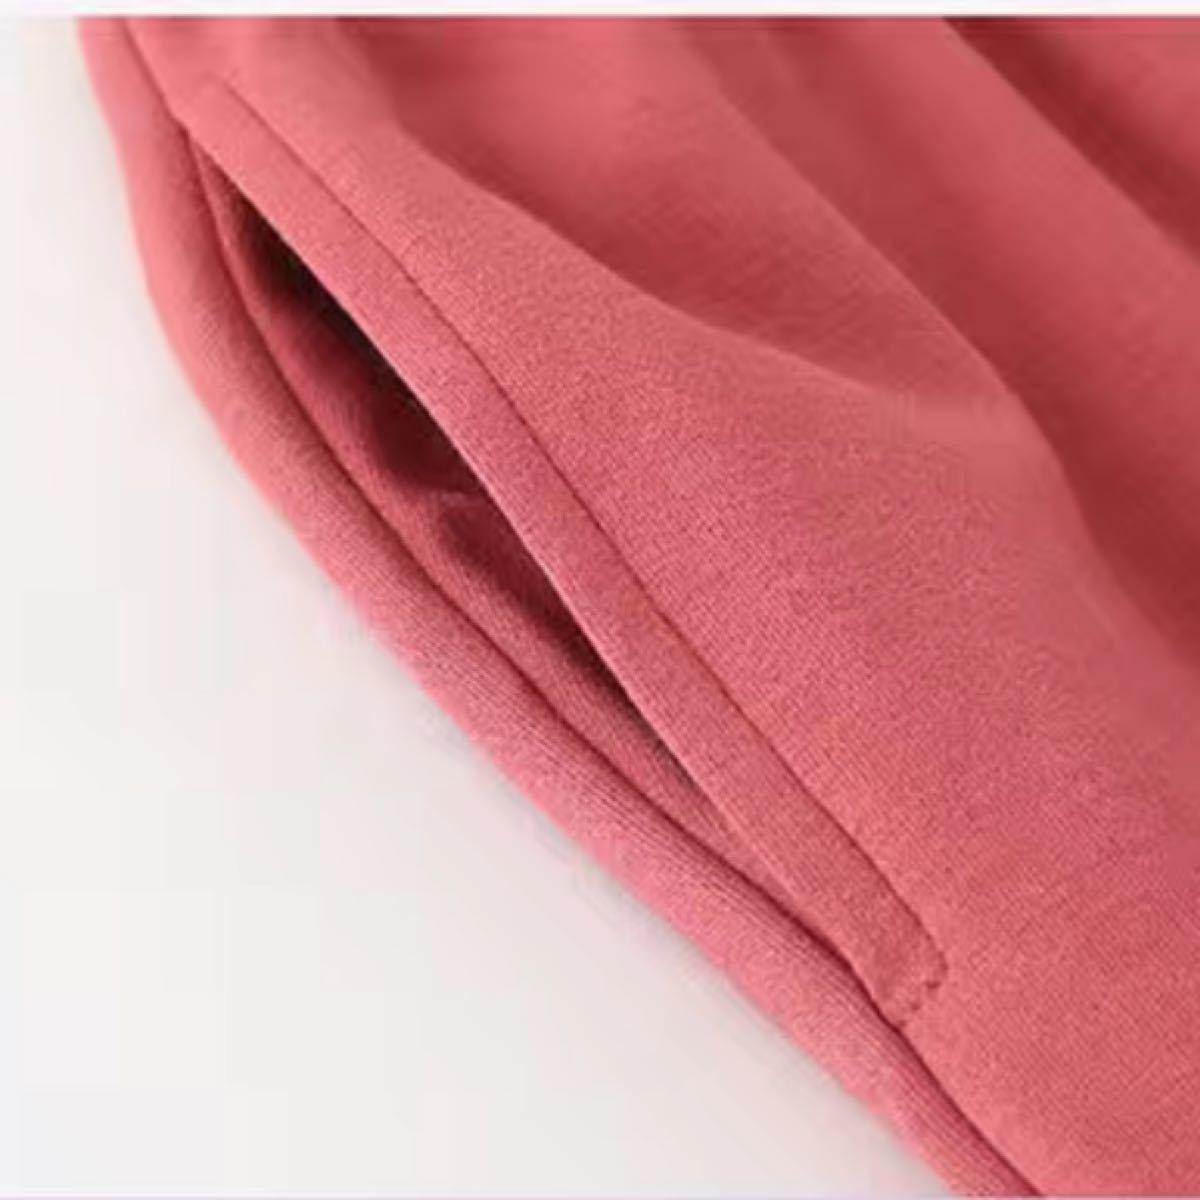 ルームウェア  綿100%  部屋着 上下セット レディースパジャマ 長袖